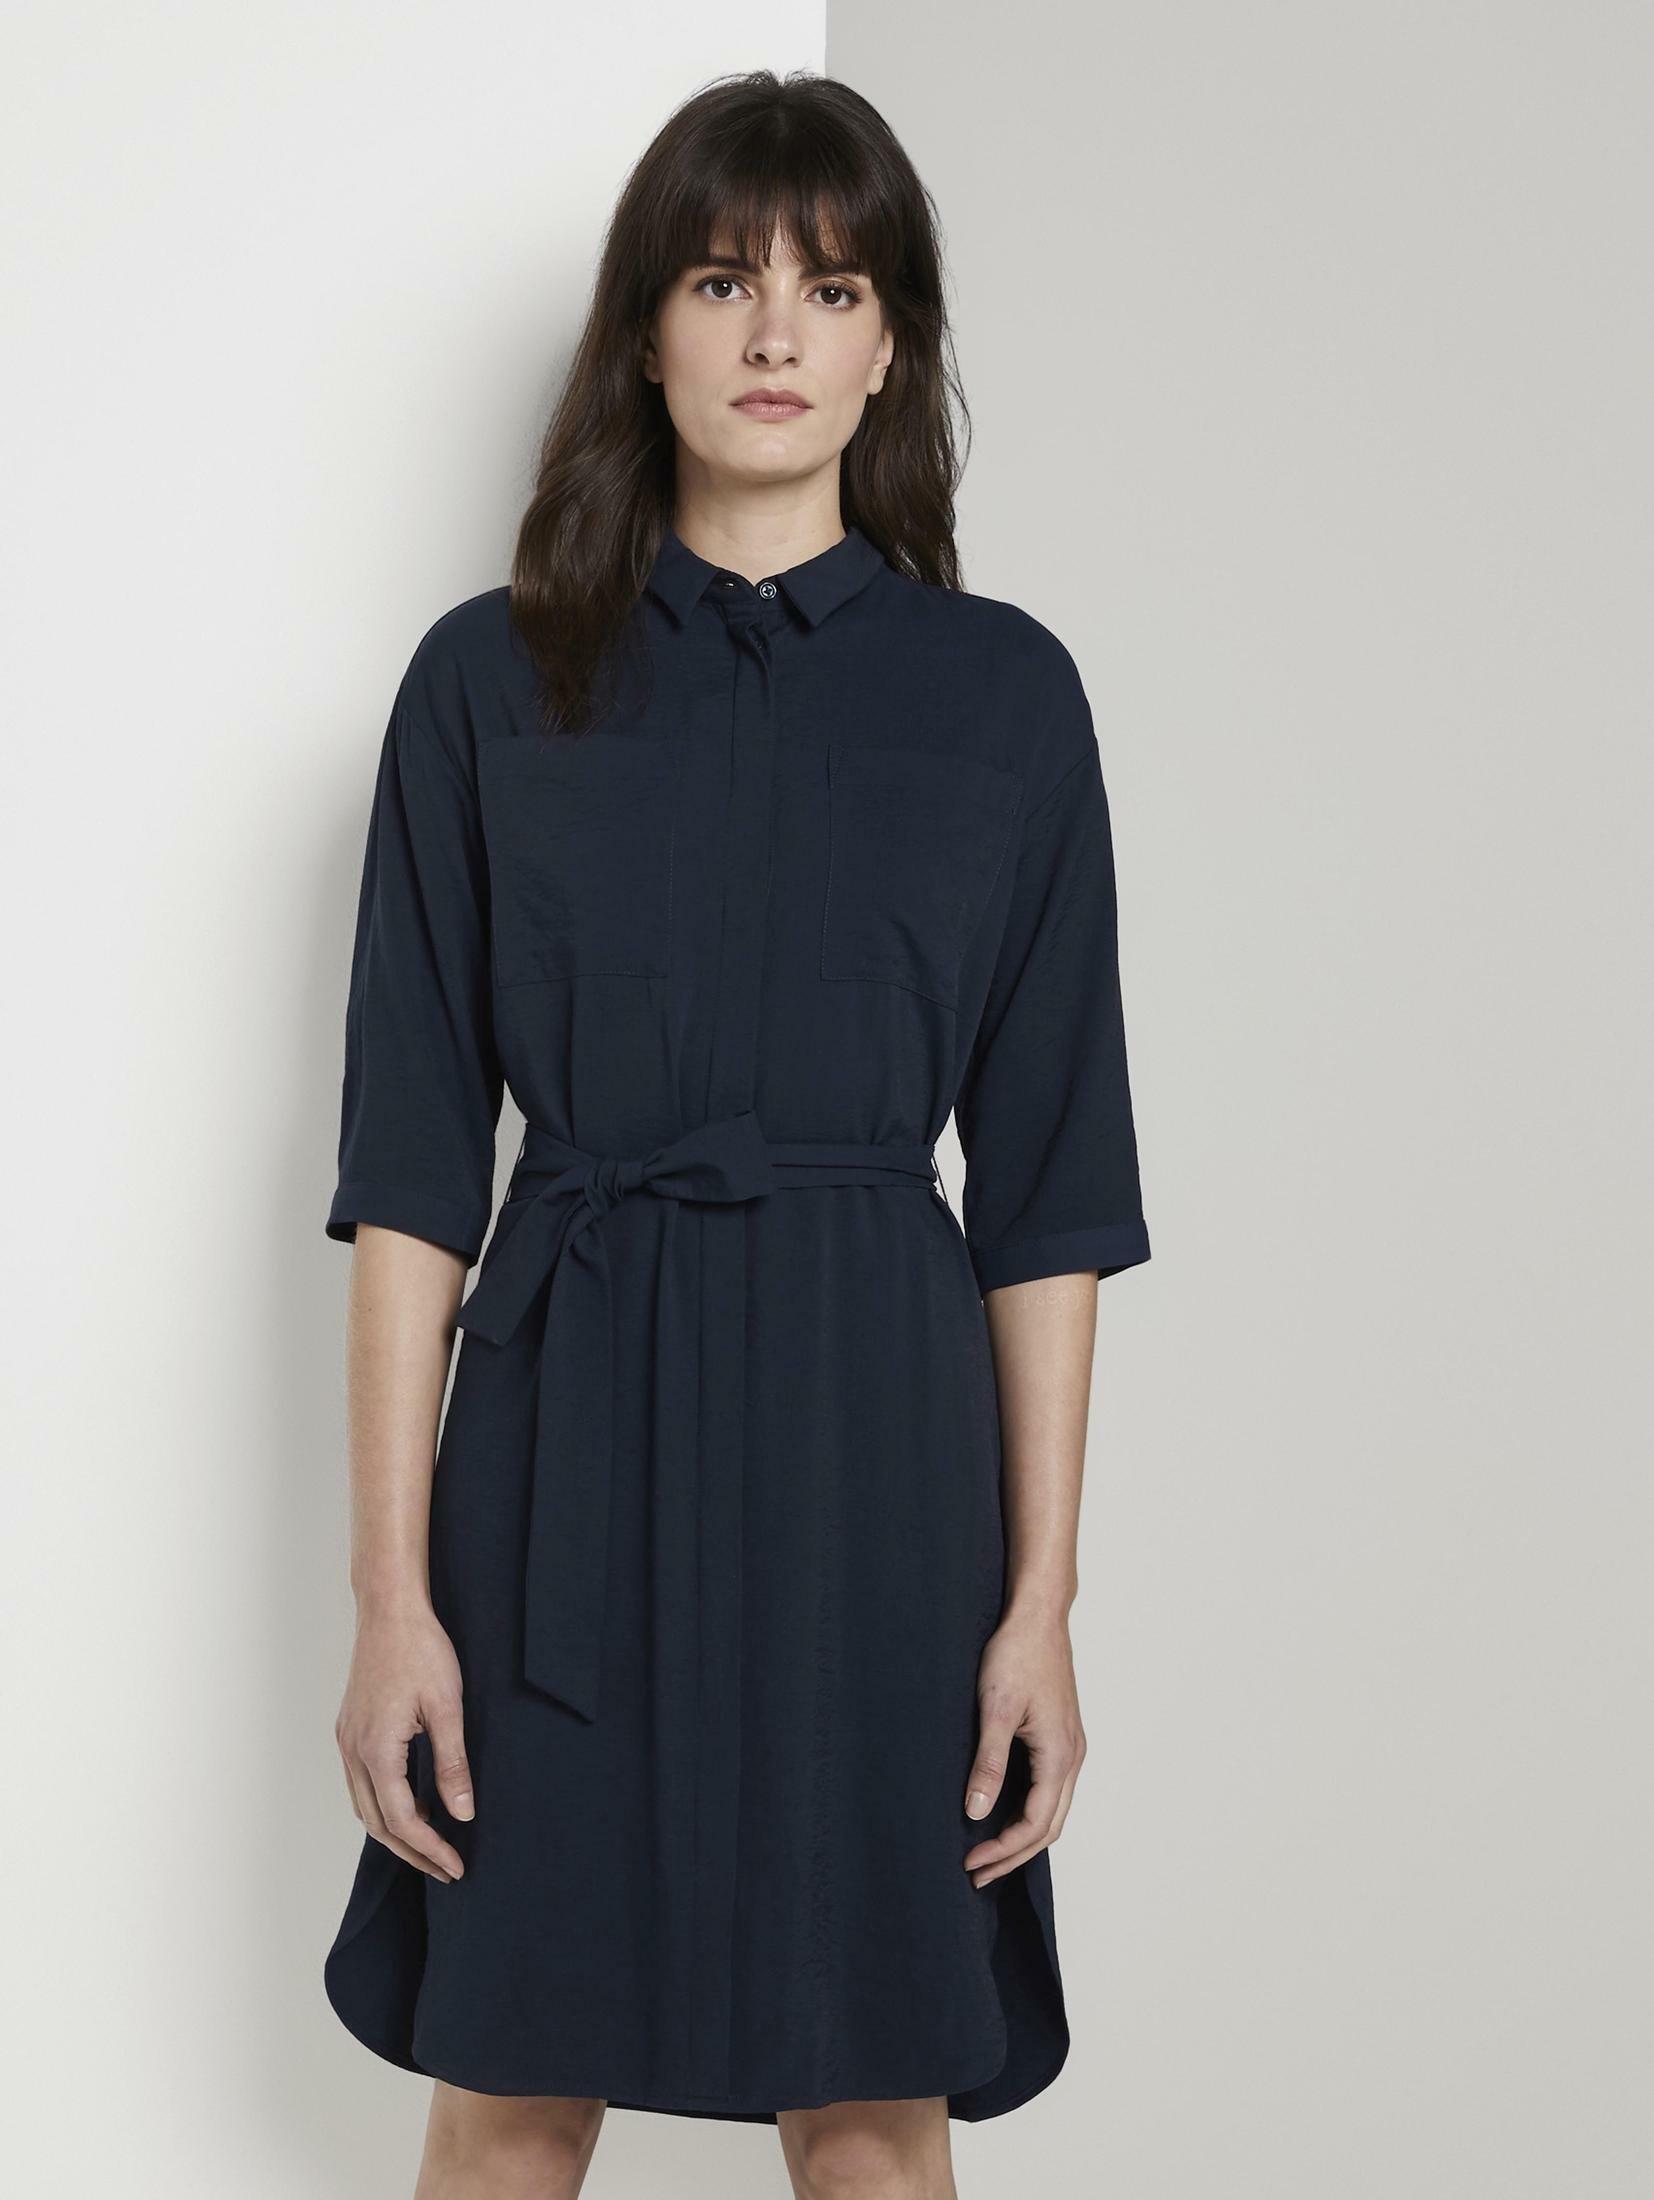 Tom Tailor Mine To Five jurk met overhemdkraag »Hemdkleid mit Brusttaschen« bestellen: 30 dagen bedenktijd